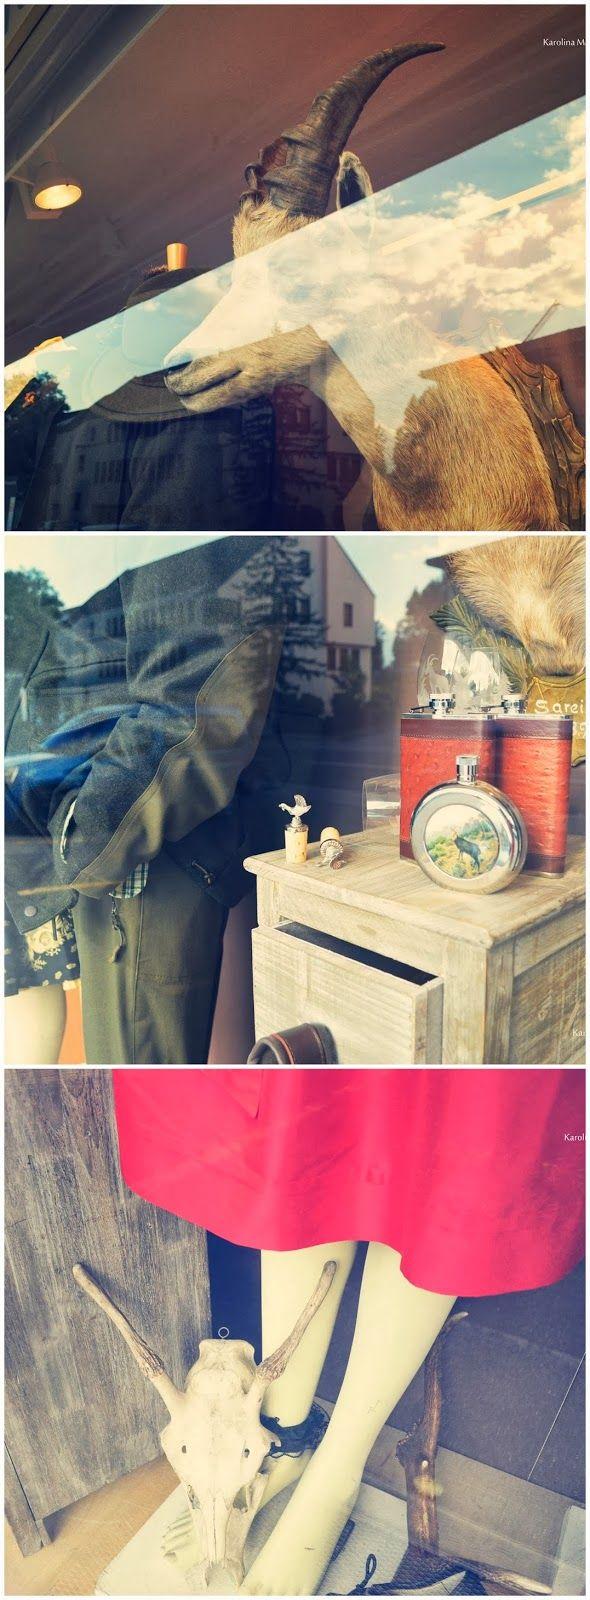 Trachten, Liechtenstein- Window shopping, vogue